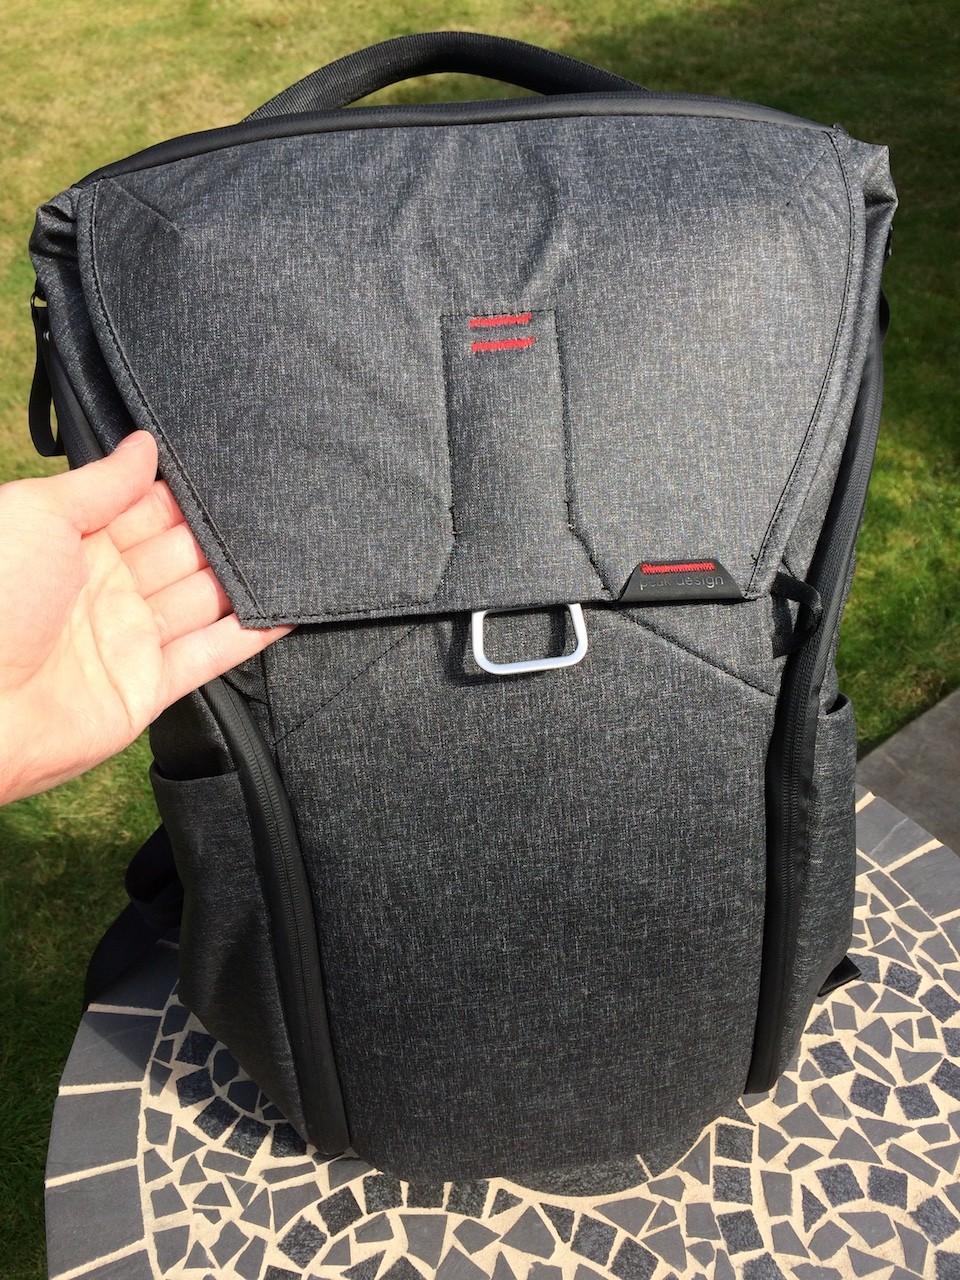 Peak Design Everyday Backpack top flap